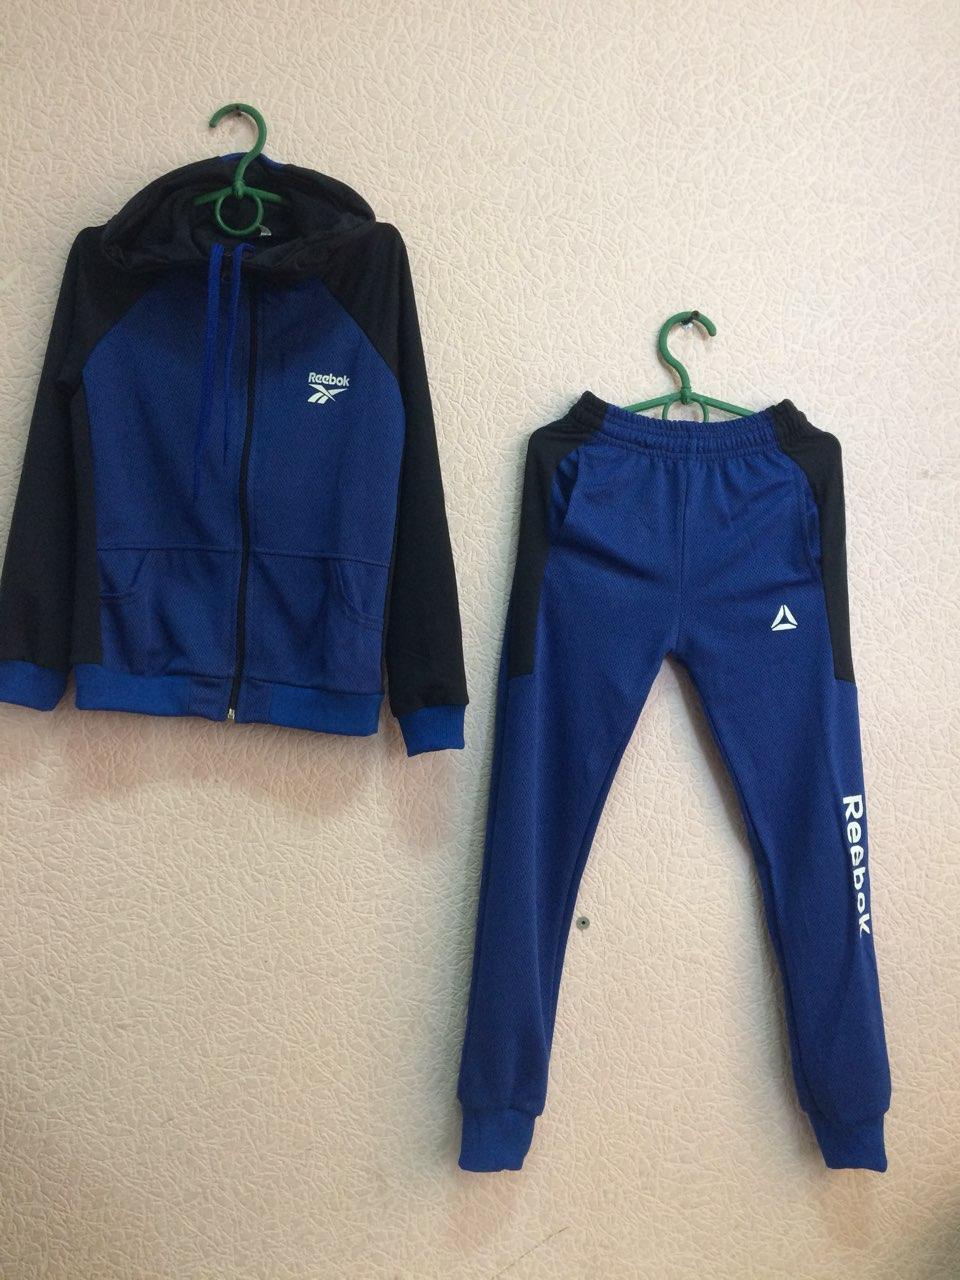 Спортивный костюм юниор Reebok синий оптом - Интернет-магазин женской,  детской, мужской одежды 42f0aa2377f